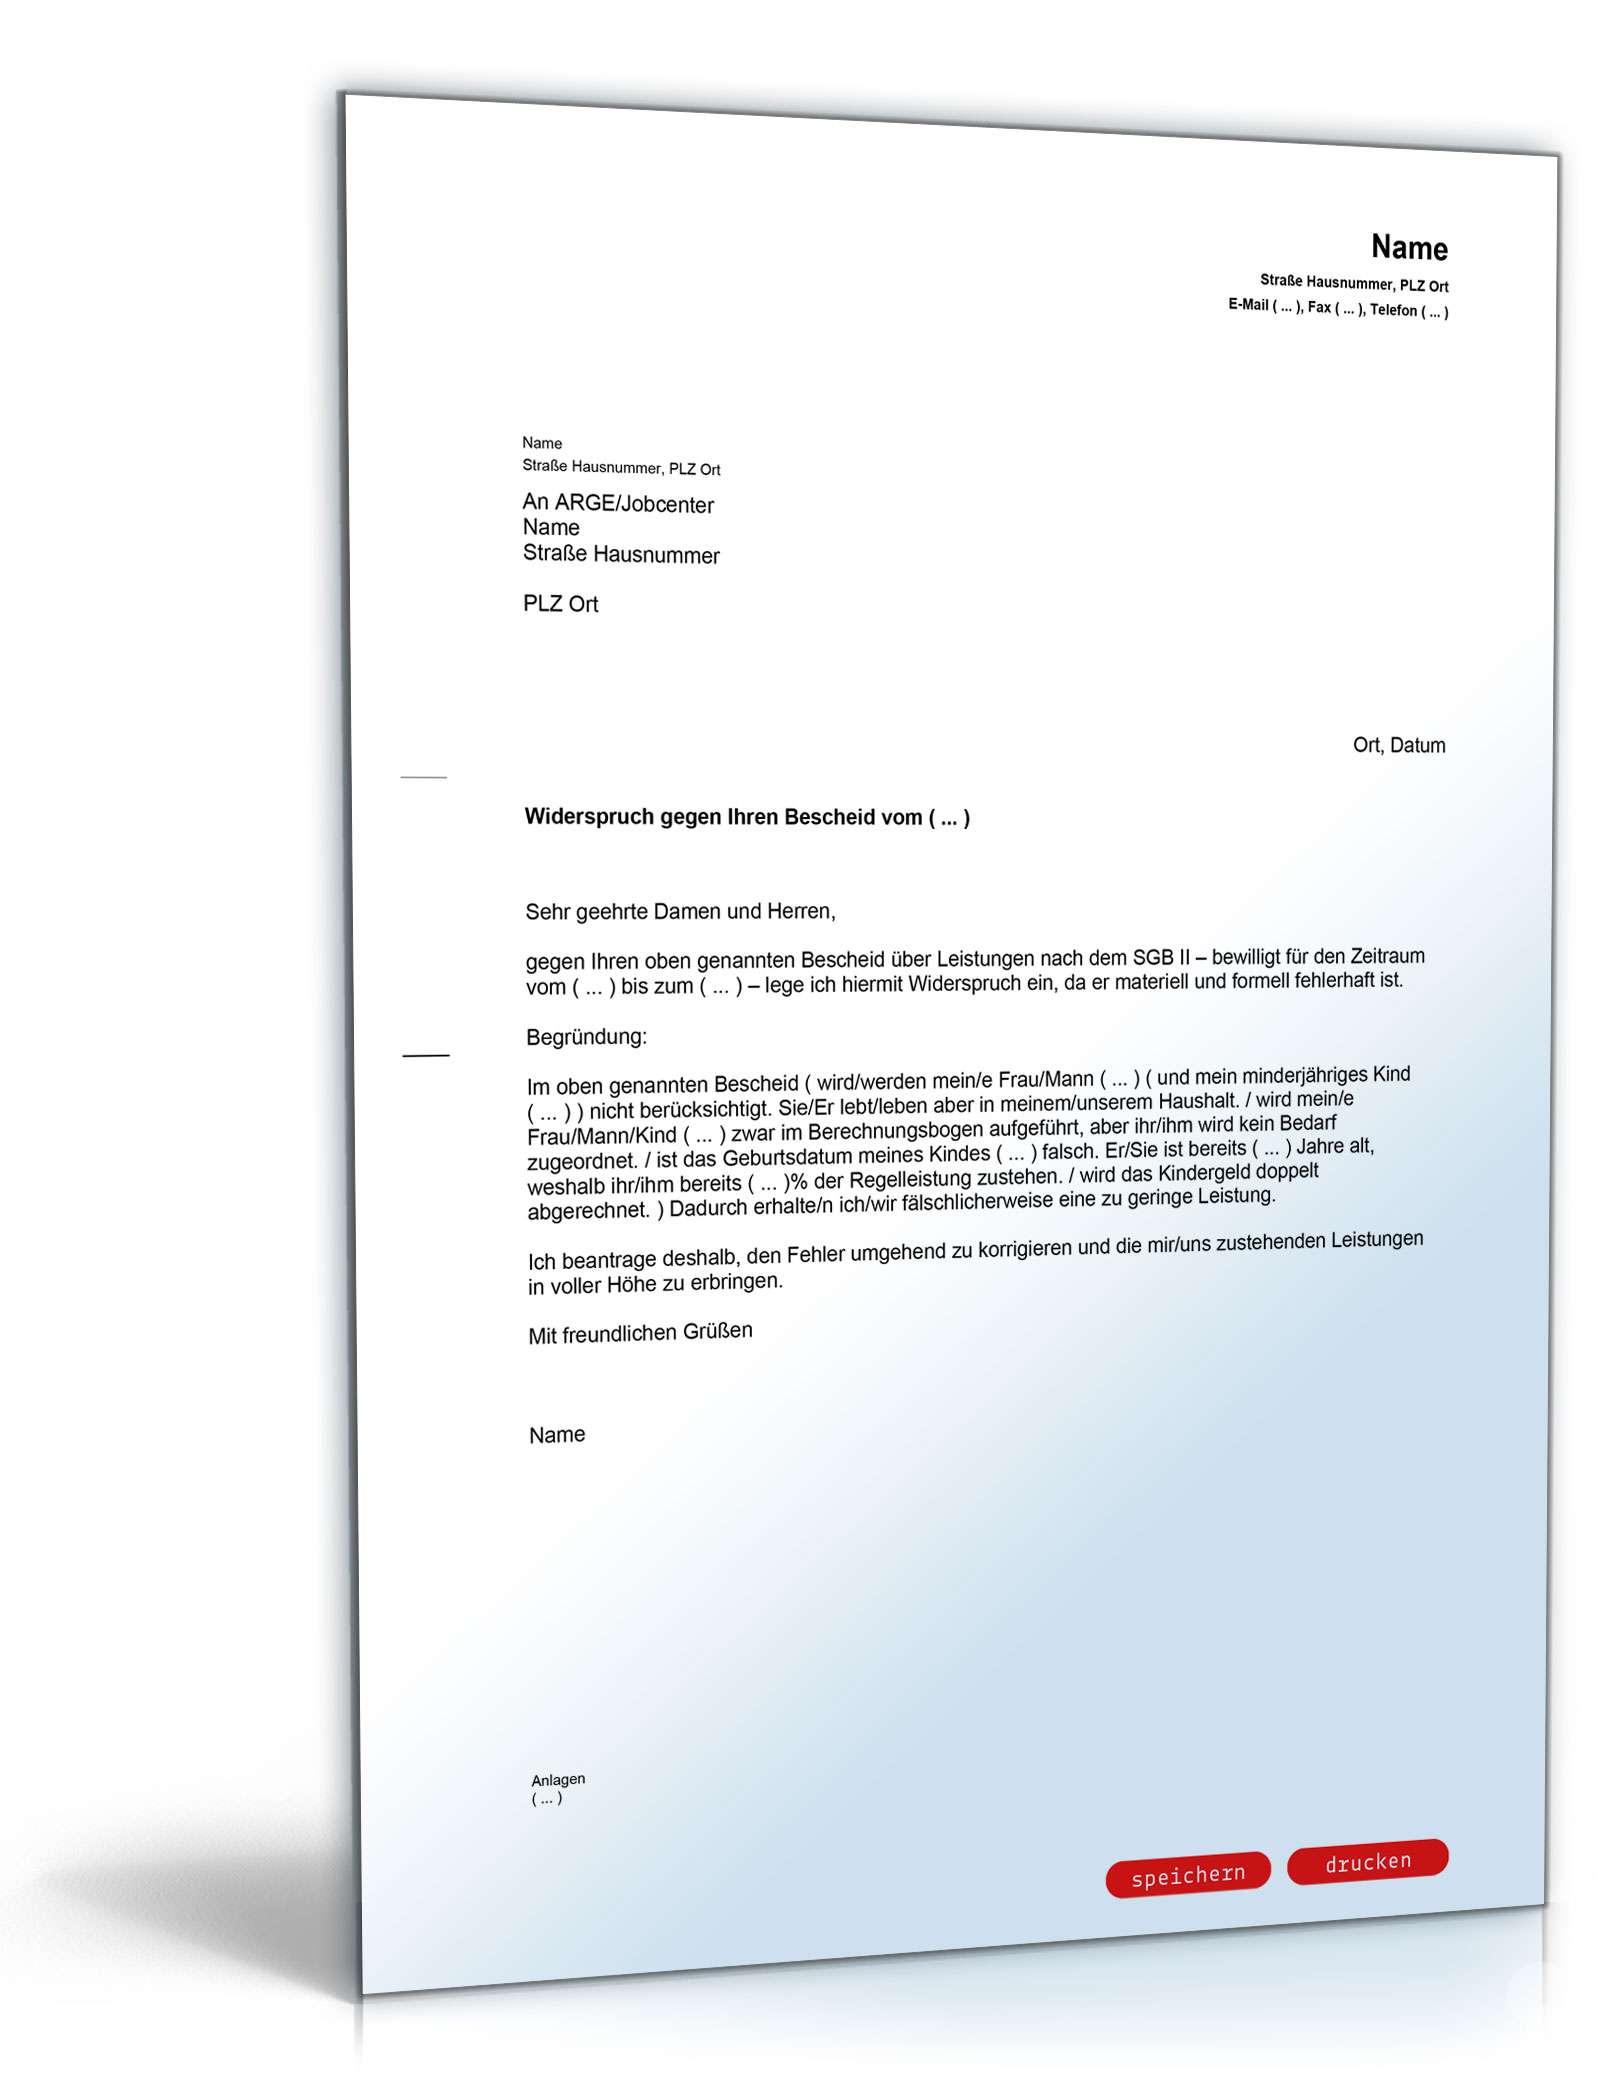 widerspruch fehlerhafter alg ii bescheid - Widerspruch Jobcenter Ruckzahlung Muster